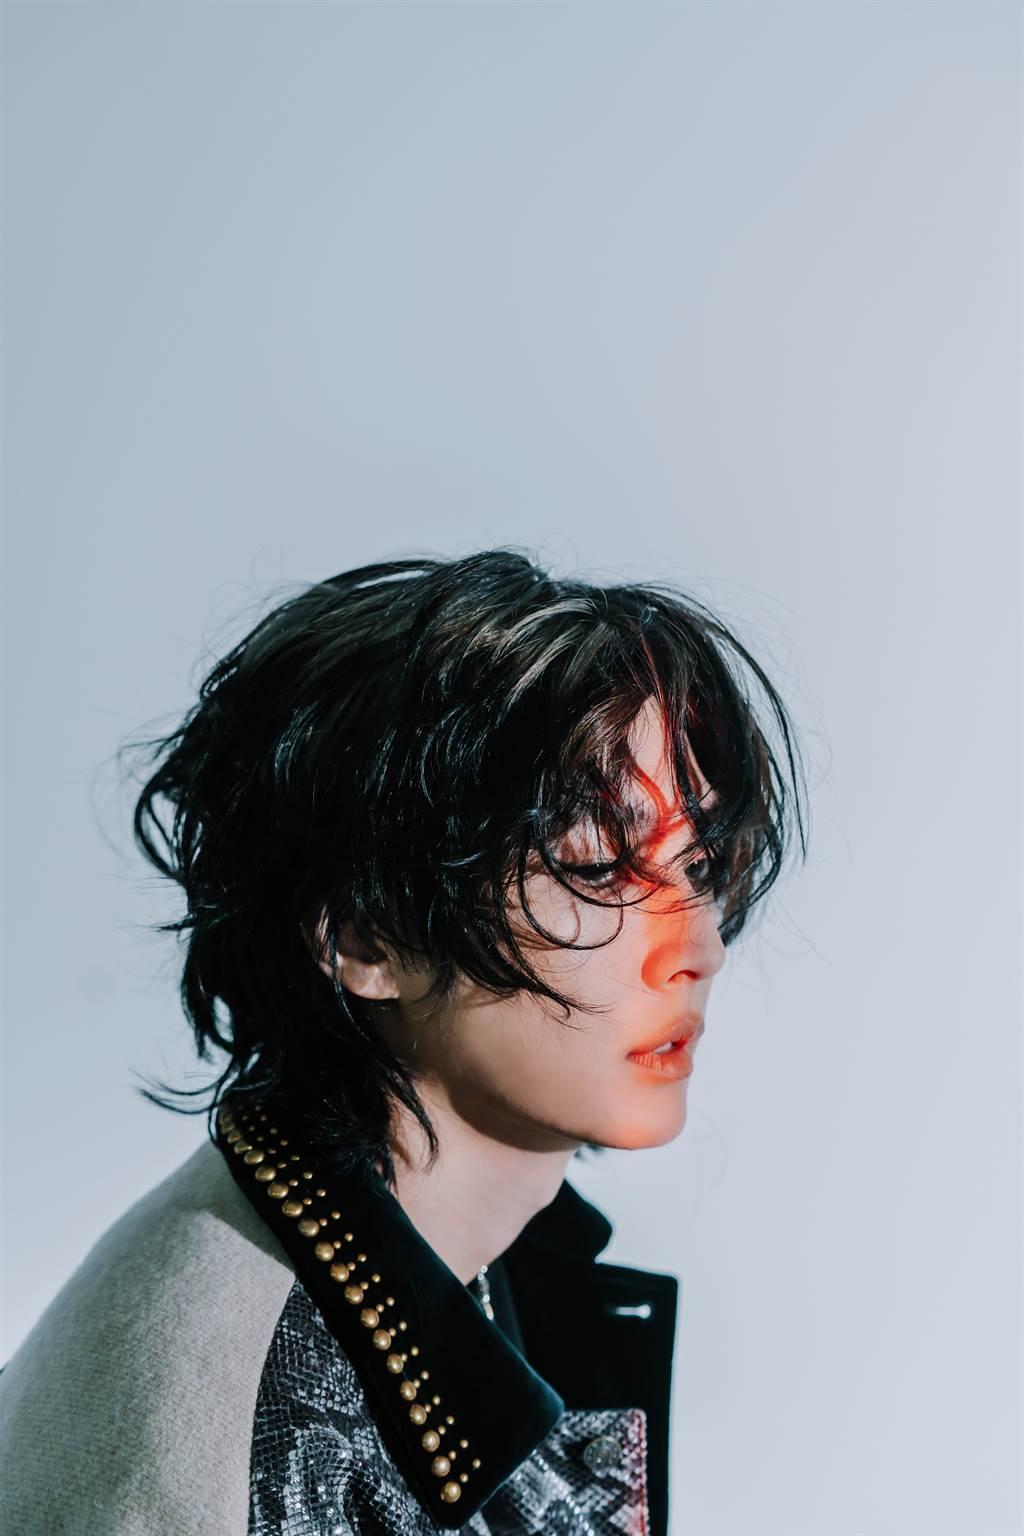 炎亞綸近日推出新單曲〈摩登原始人〉。(索尼音樂提供)